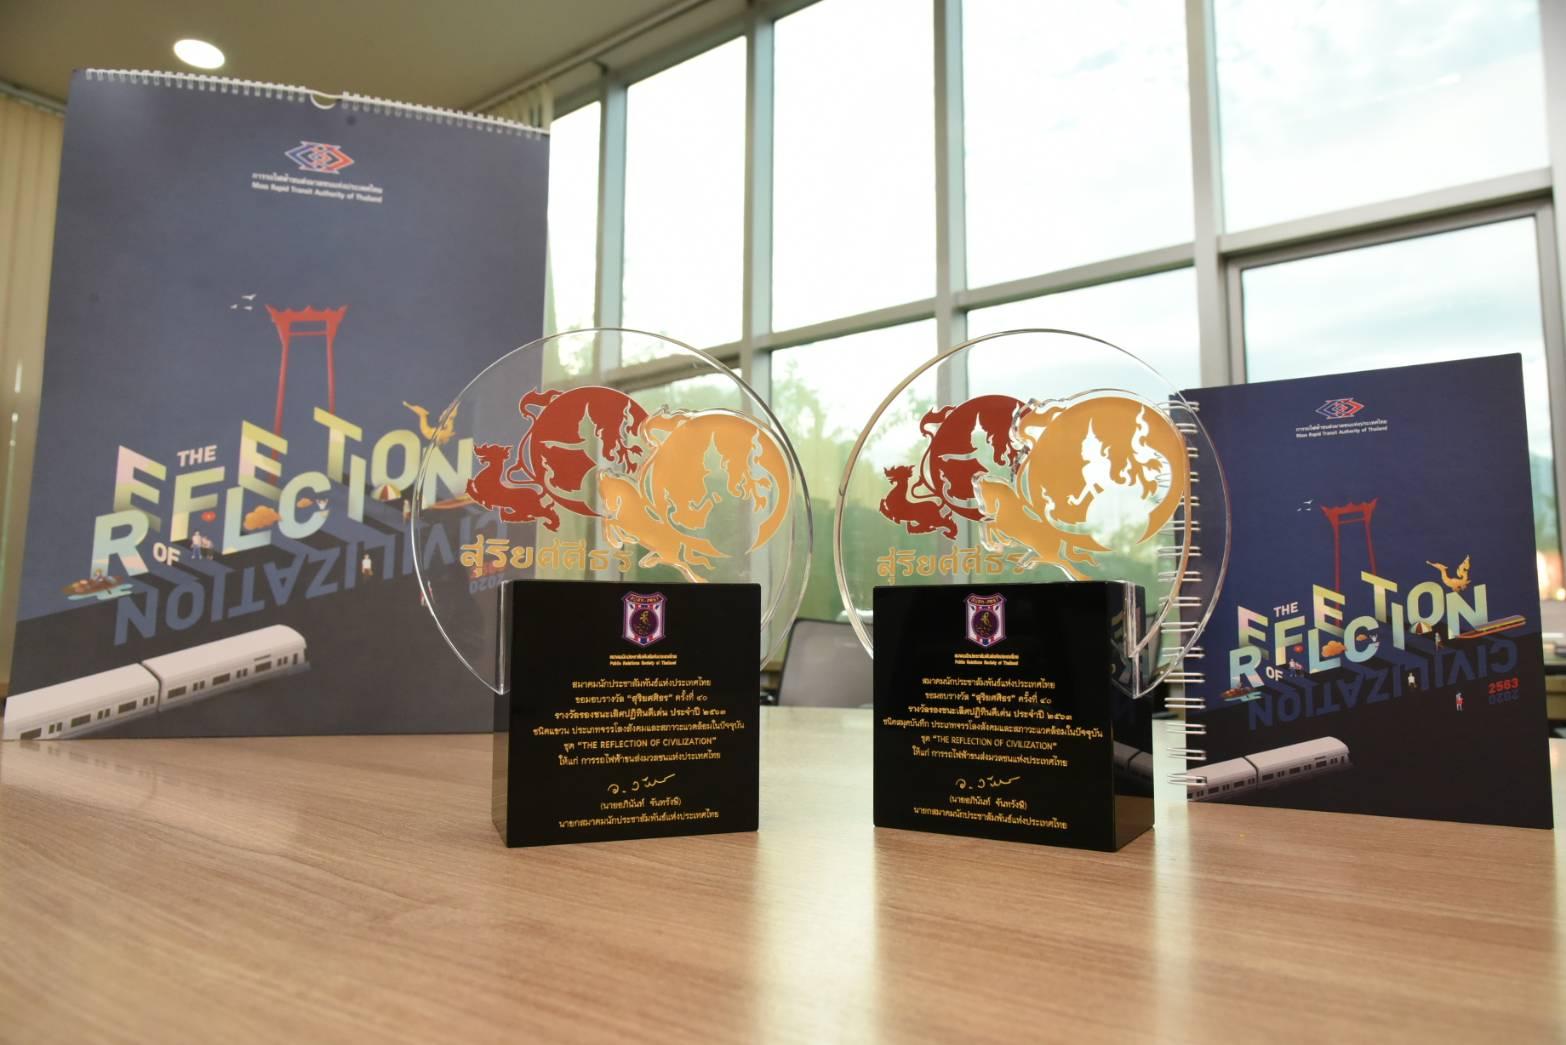 รฟม รับ 2 รางวัลรองชนะเลิศ สุริยศศิธร ครั้งที่ 40 ประจำปี 2563 | Prop2Morrow บ้าน คอนโด ข่าวอสังหาฯ